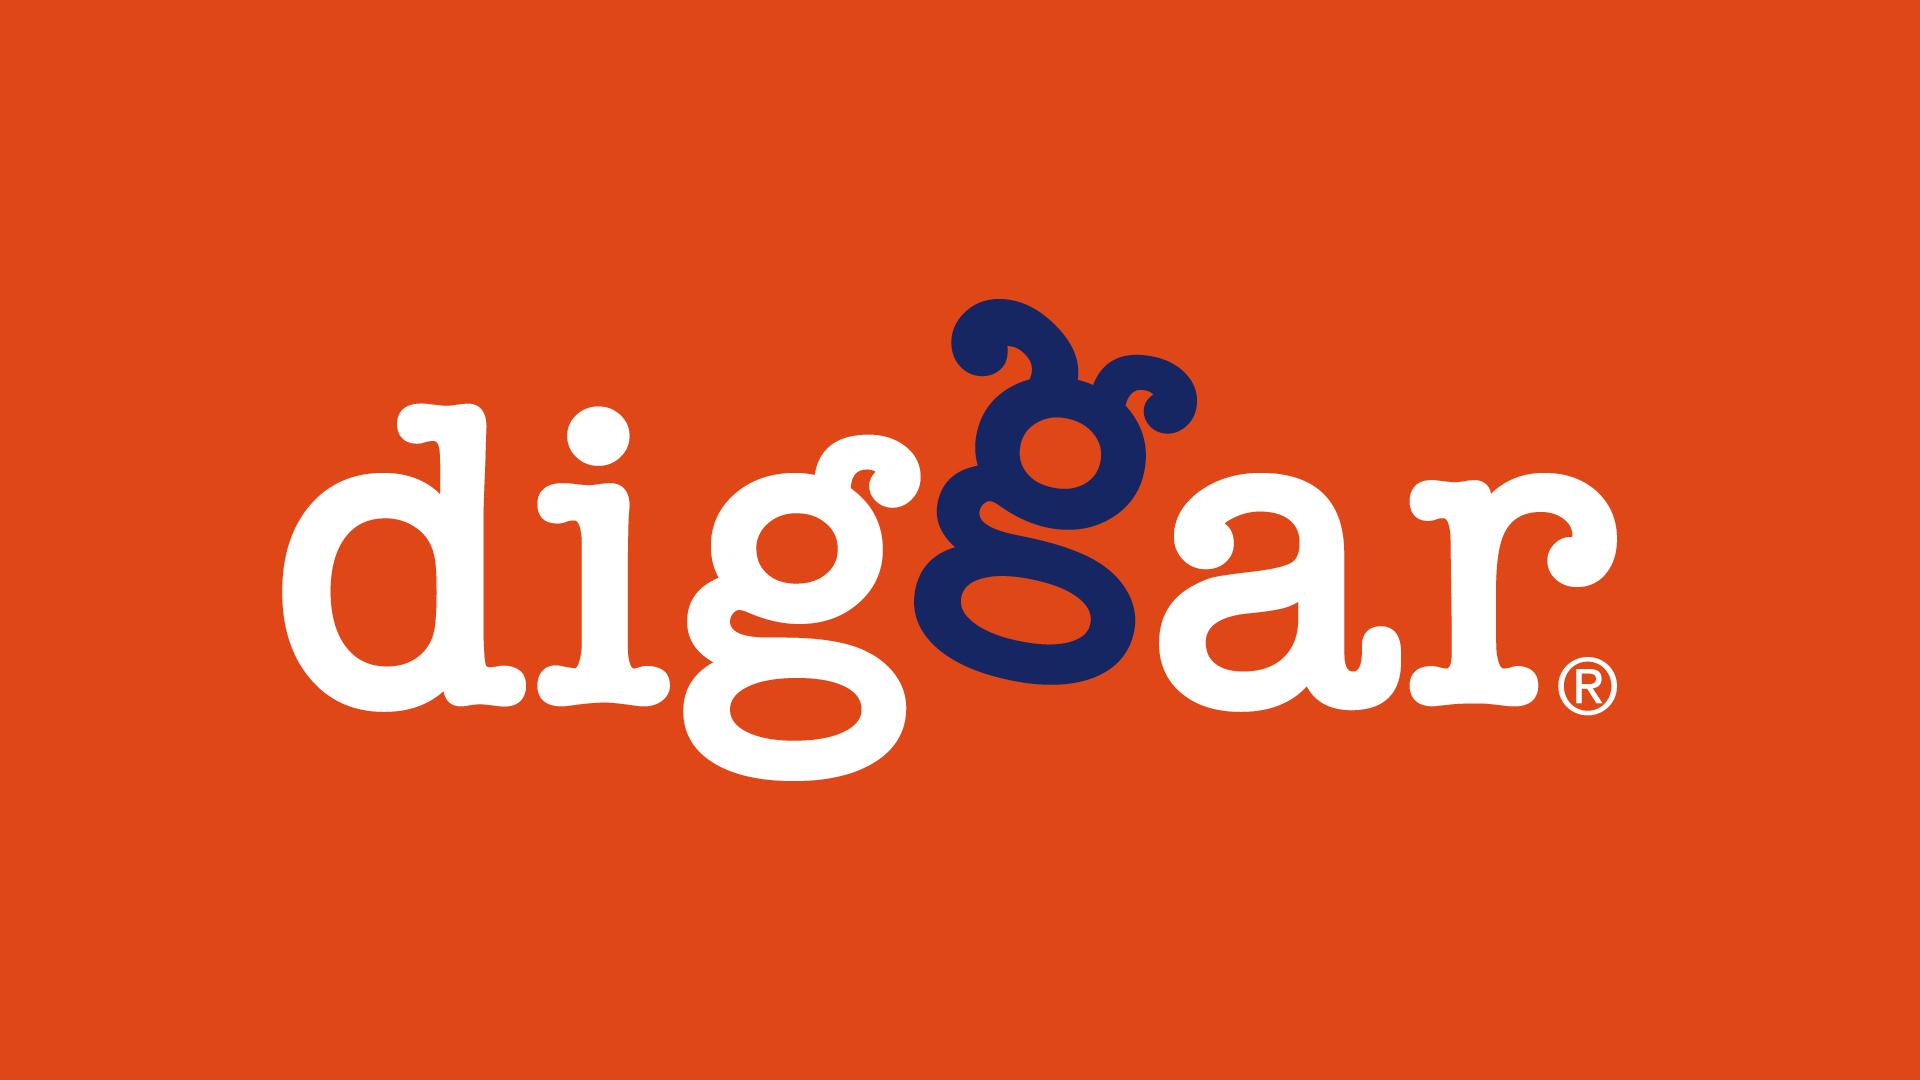 diggar logo 02 - Ein Logo mit Wau-Effekt – Corporate Design, Logoentwicklung, Grafikdesign, Kommunikationsdesign, Branding